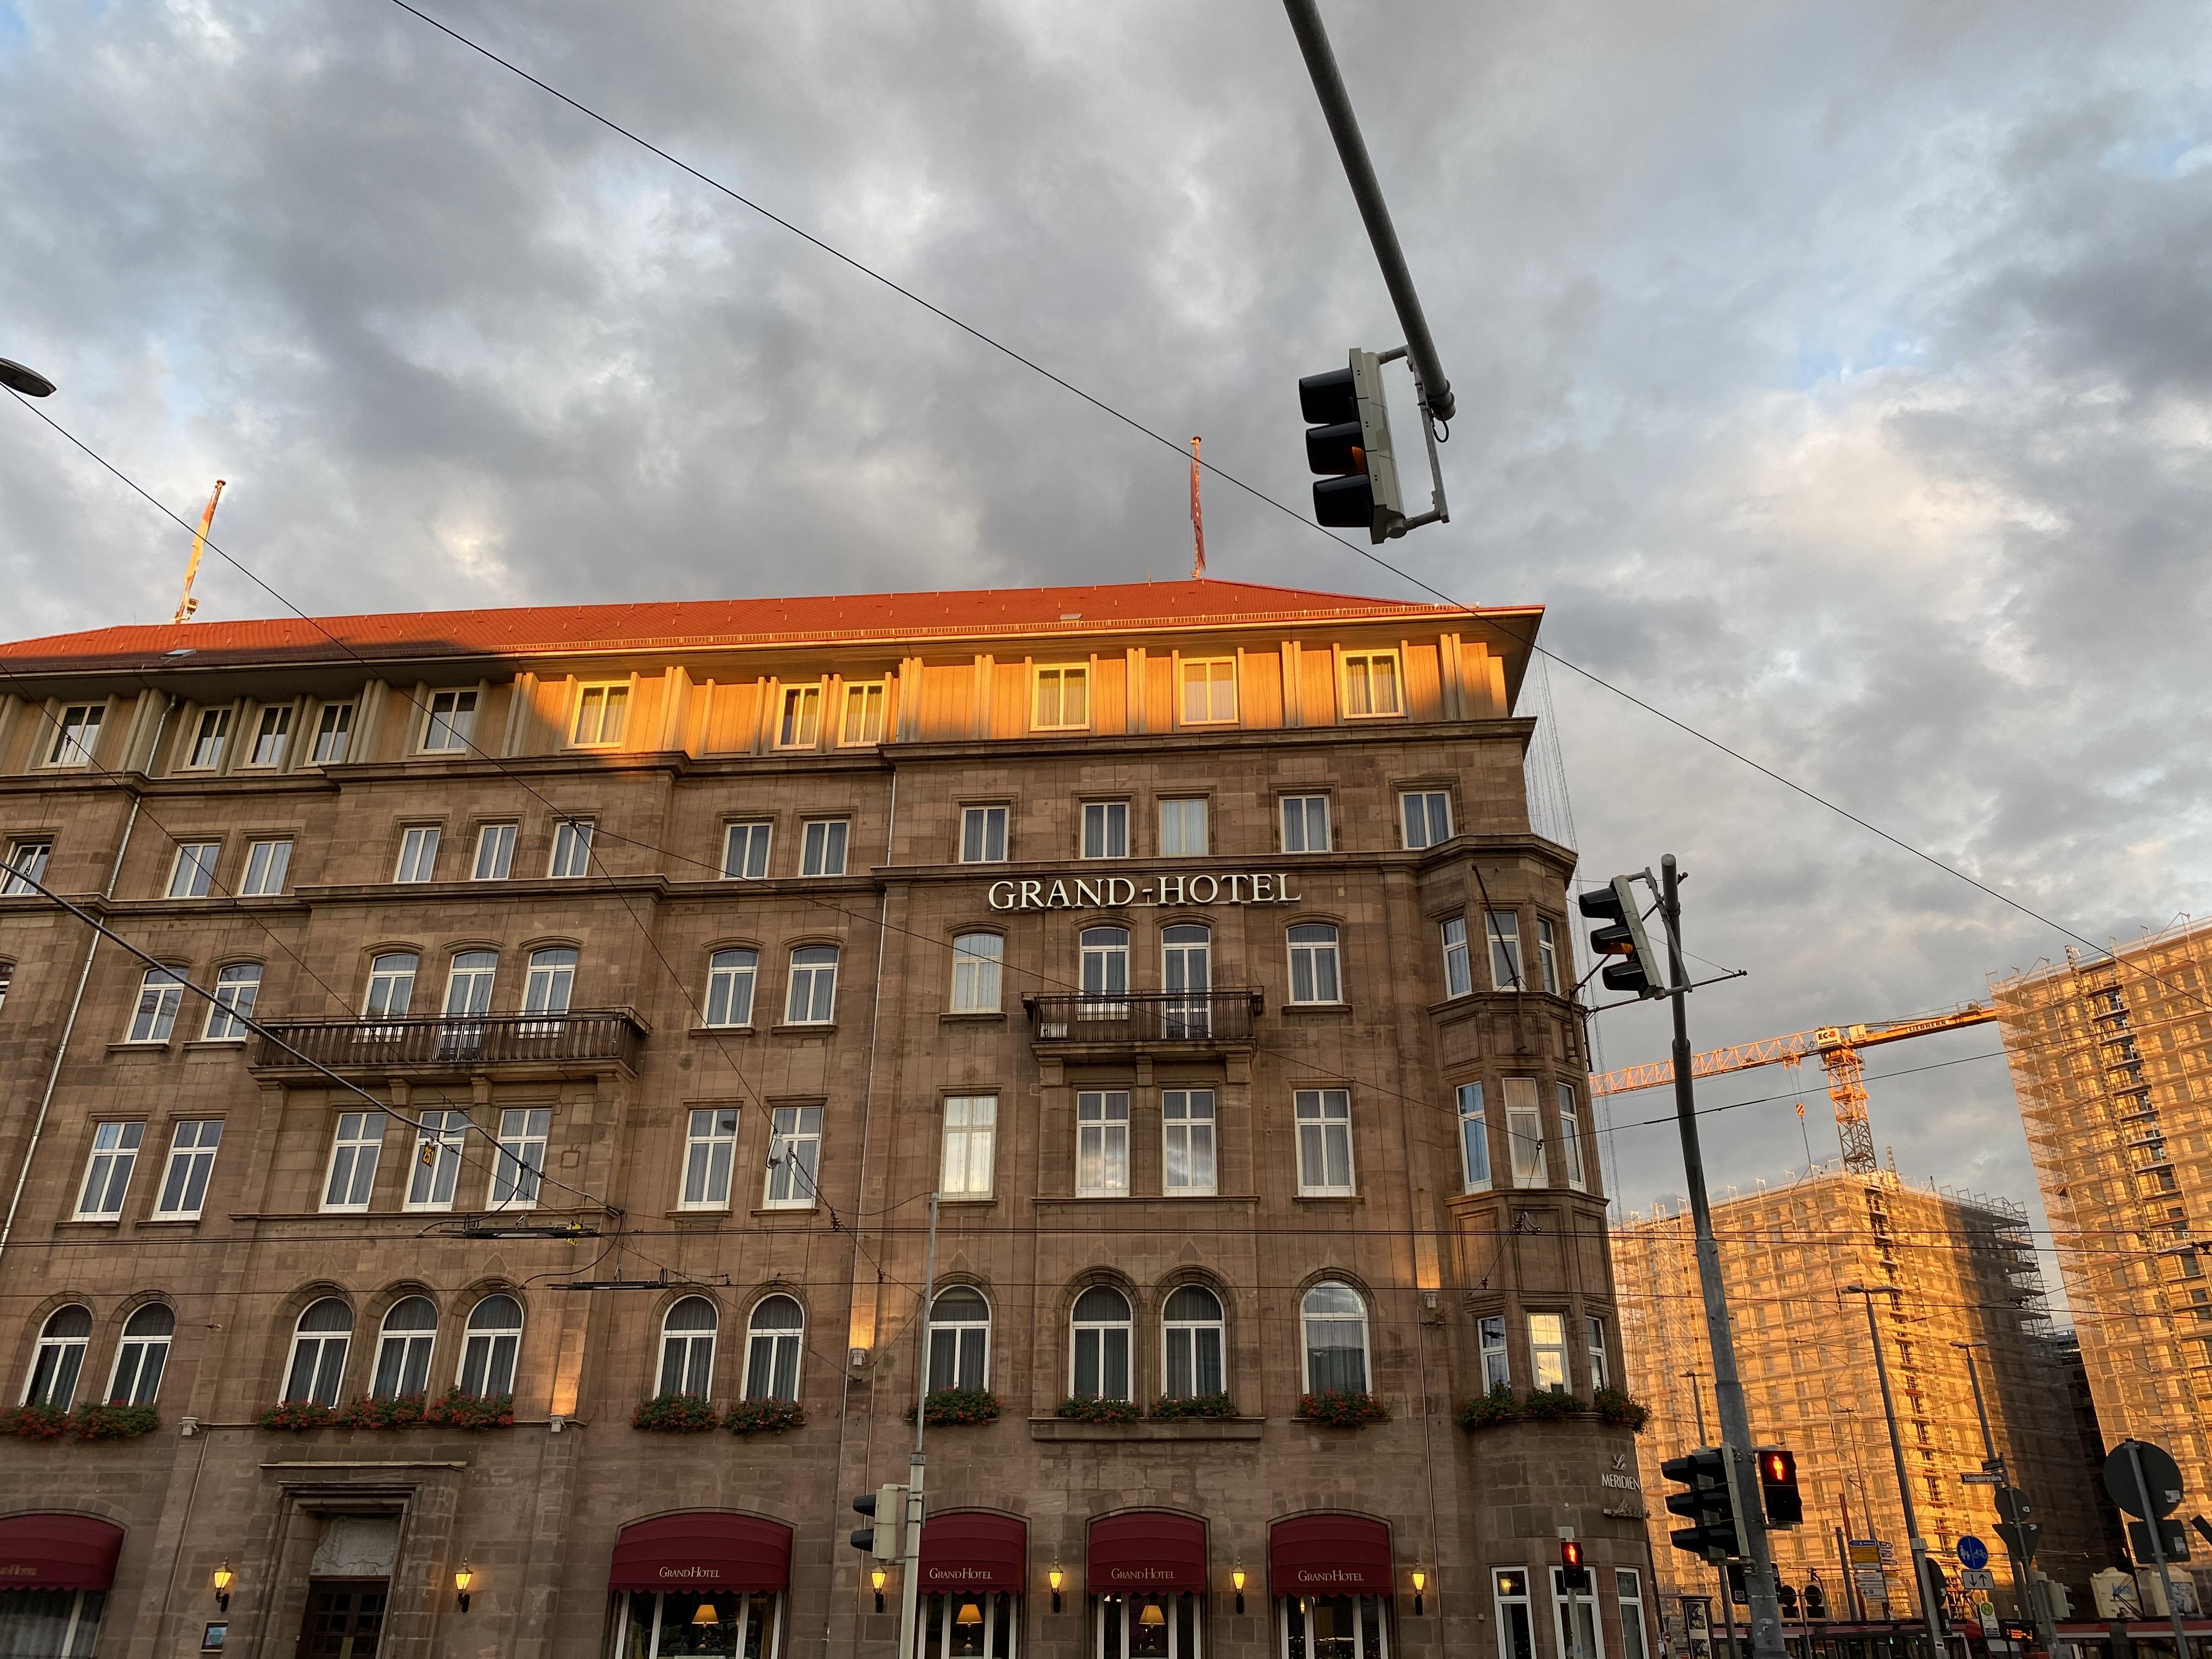 Review – Le Meridien Grand Hotel Nürnberg